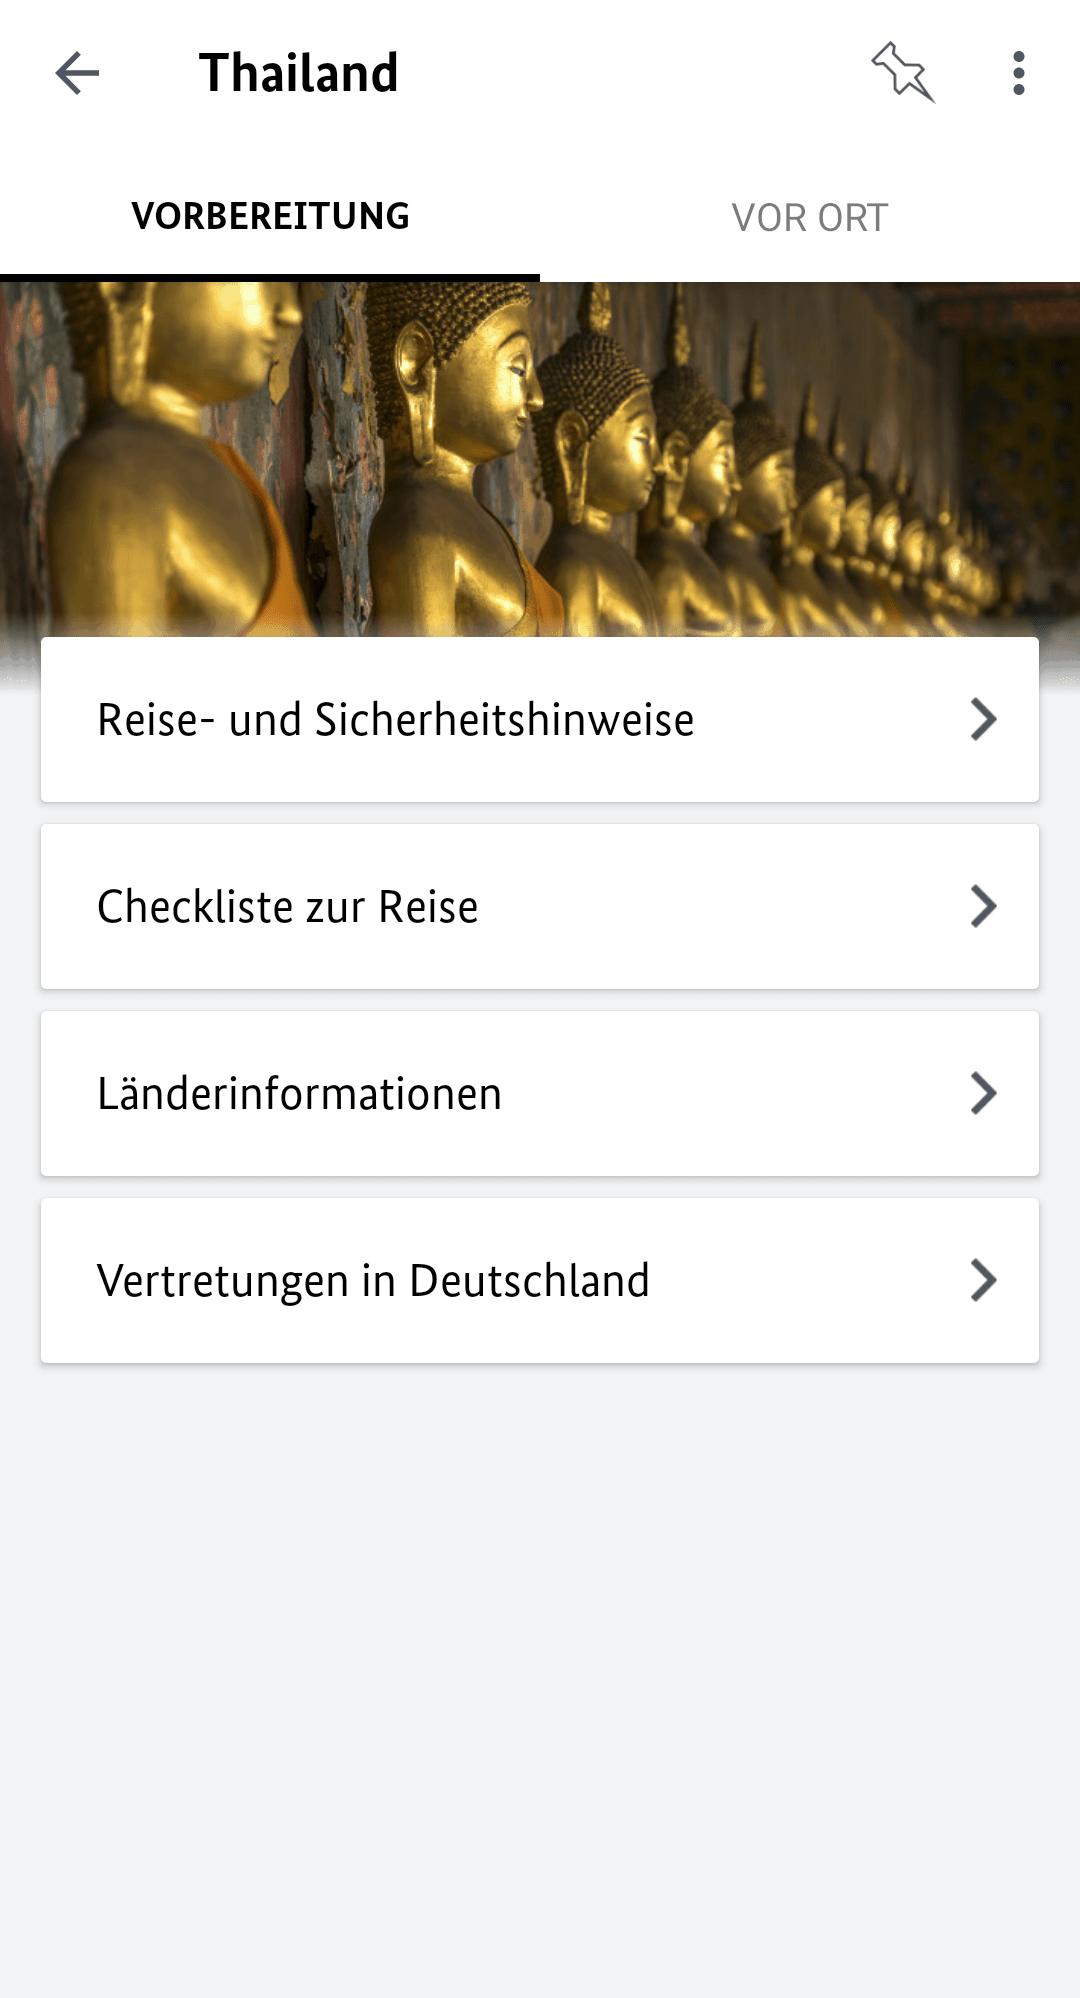 Reise Apps Sicher Reisen Thailand Vorbereitungen